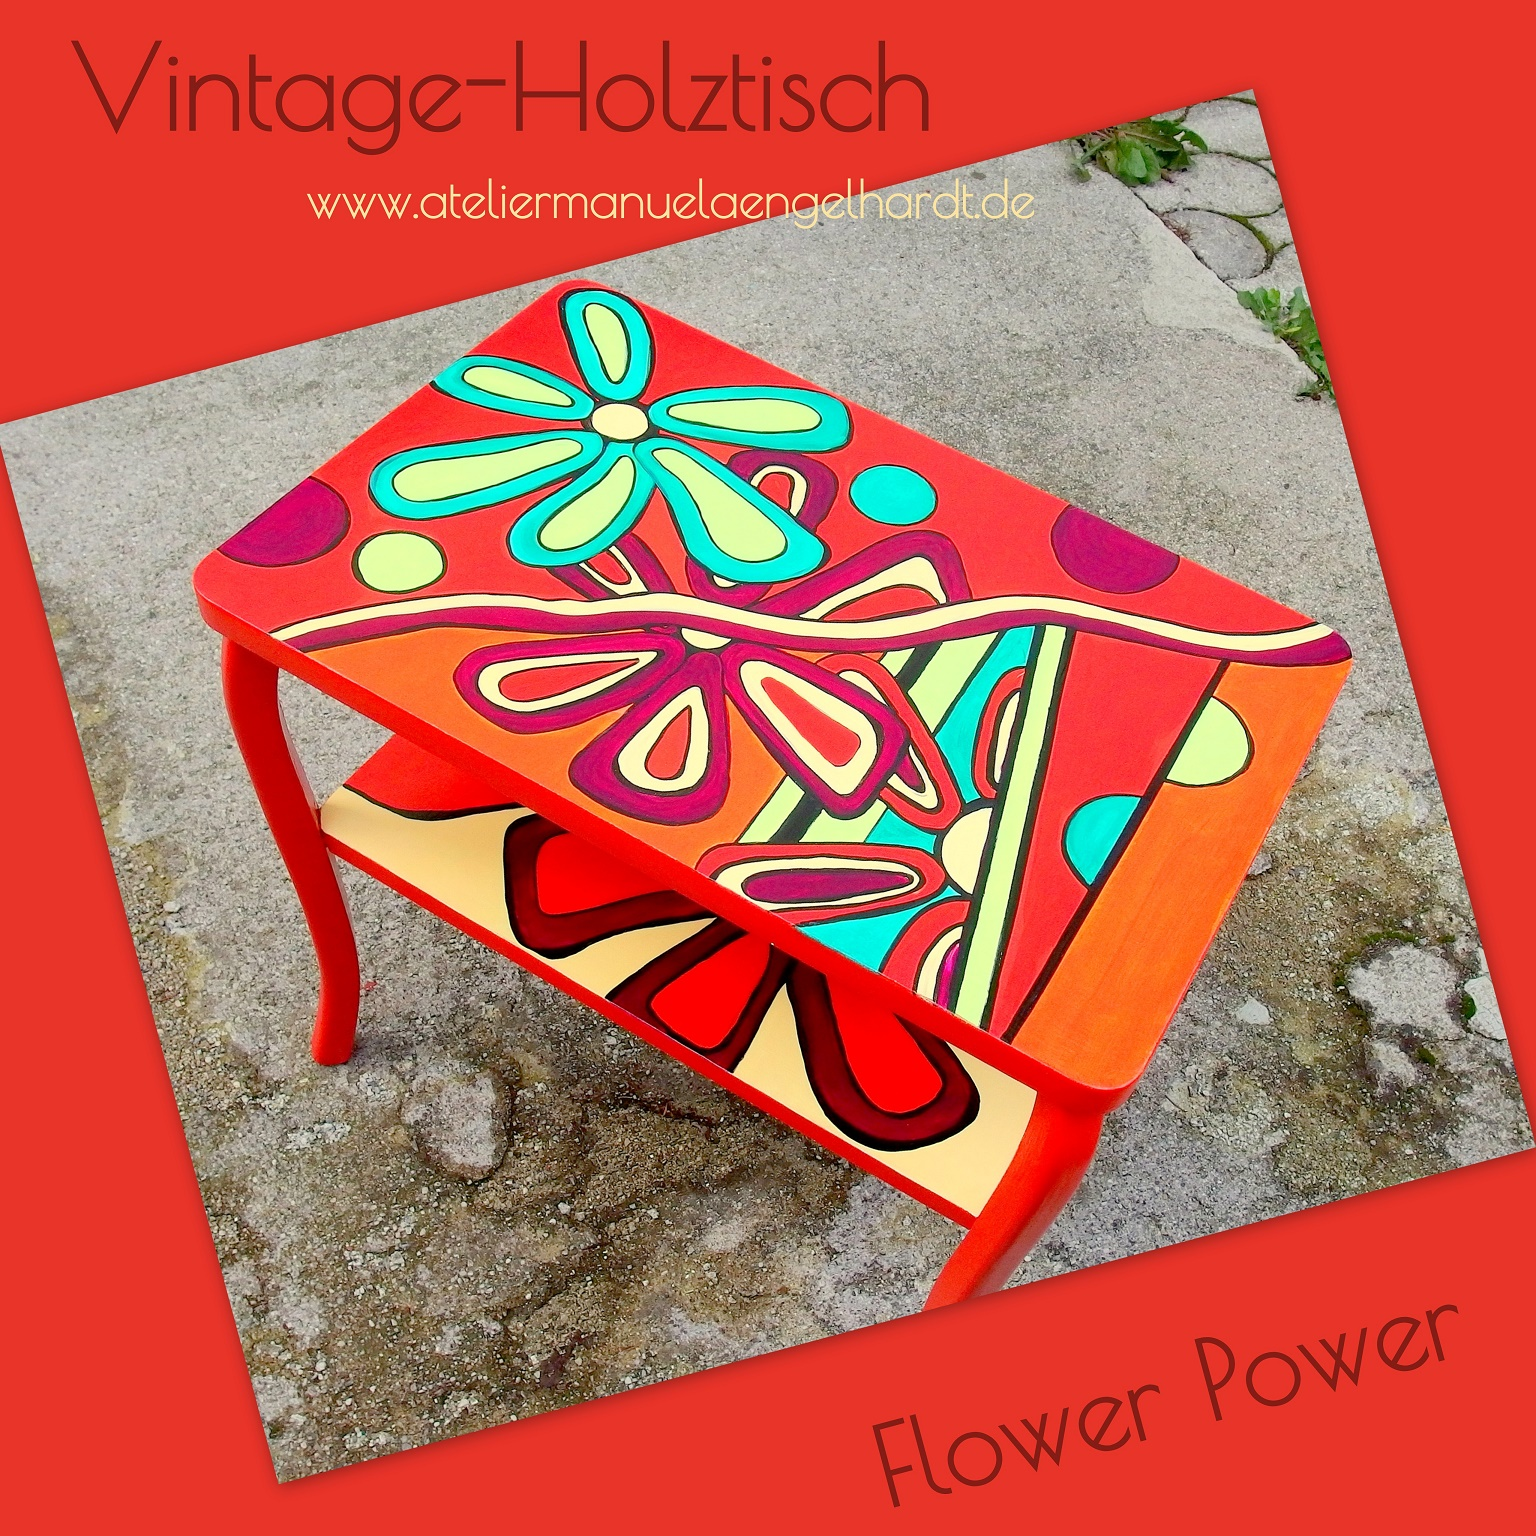 Vintage Holztisch Flower Power - Verfügbar